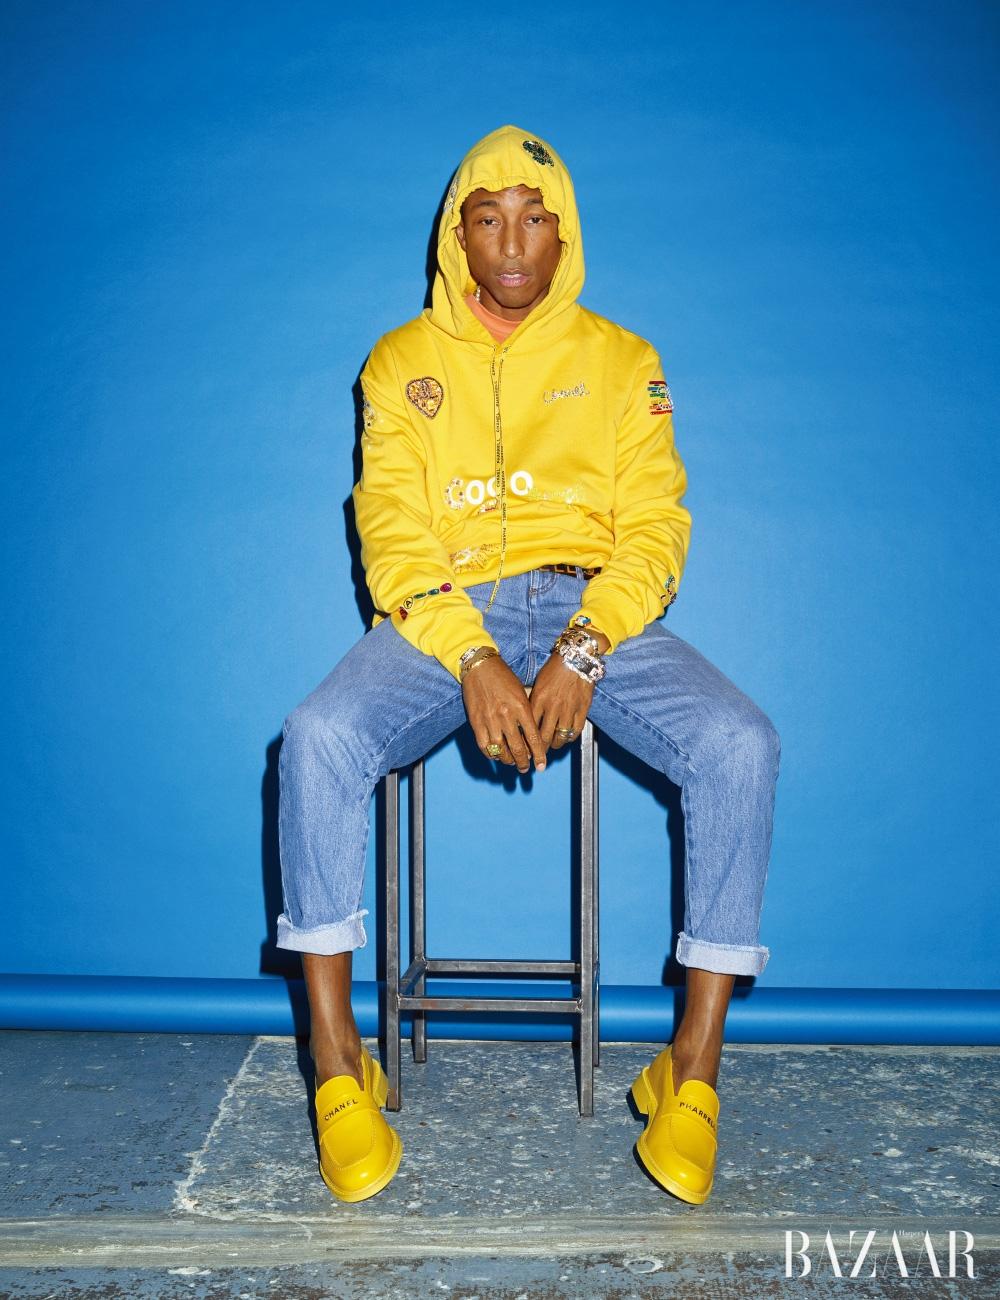 후디, 이너로 입은 티셔츠, 데님 팬츠, 벨트, 레이어드한 팔찌, 로퍼는 모두 <strong>CHANEL-Pharrell Capsule Collection</strong>, 오른손에 착용한 팔찌와 반지는 개인 소장품.